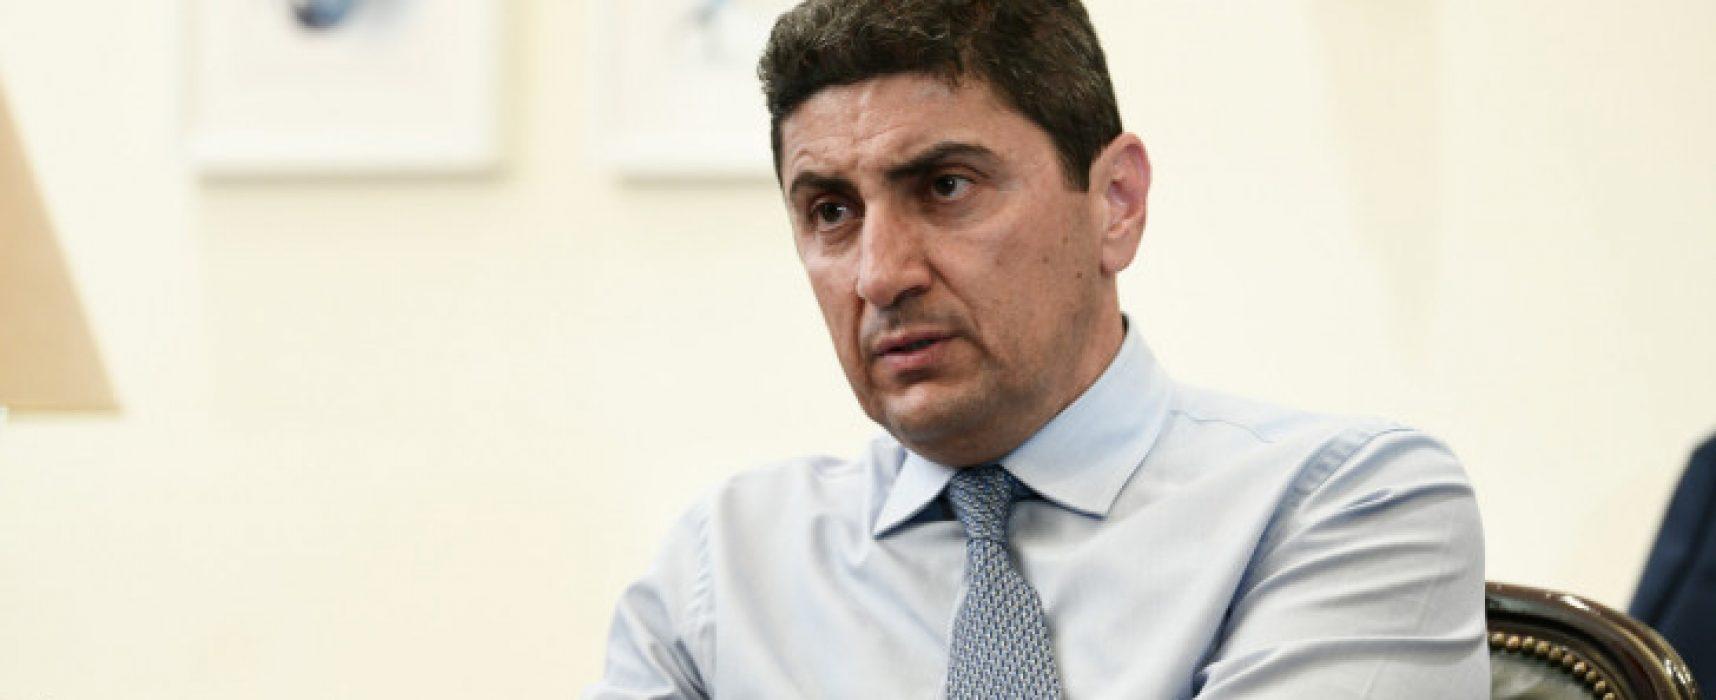 Επιστολή του Υφυπουργού Αθλητισμού Λευτέρη Αυγενάκη για τον κορωνοϊό